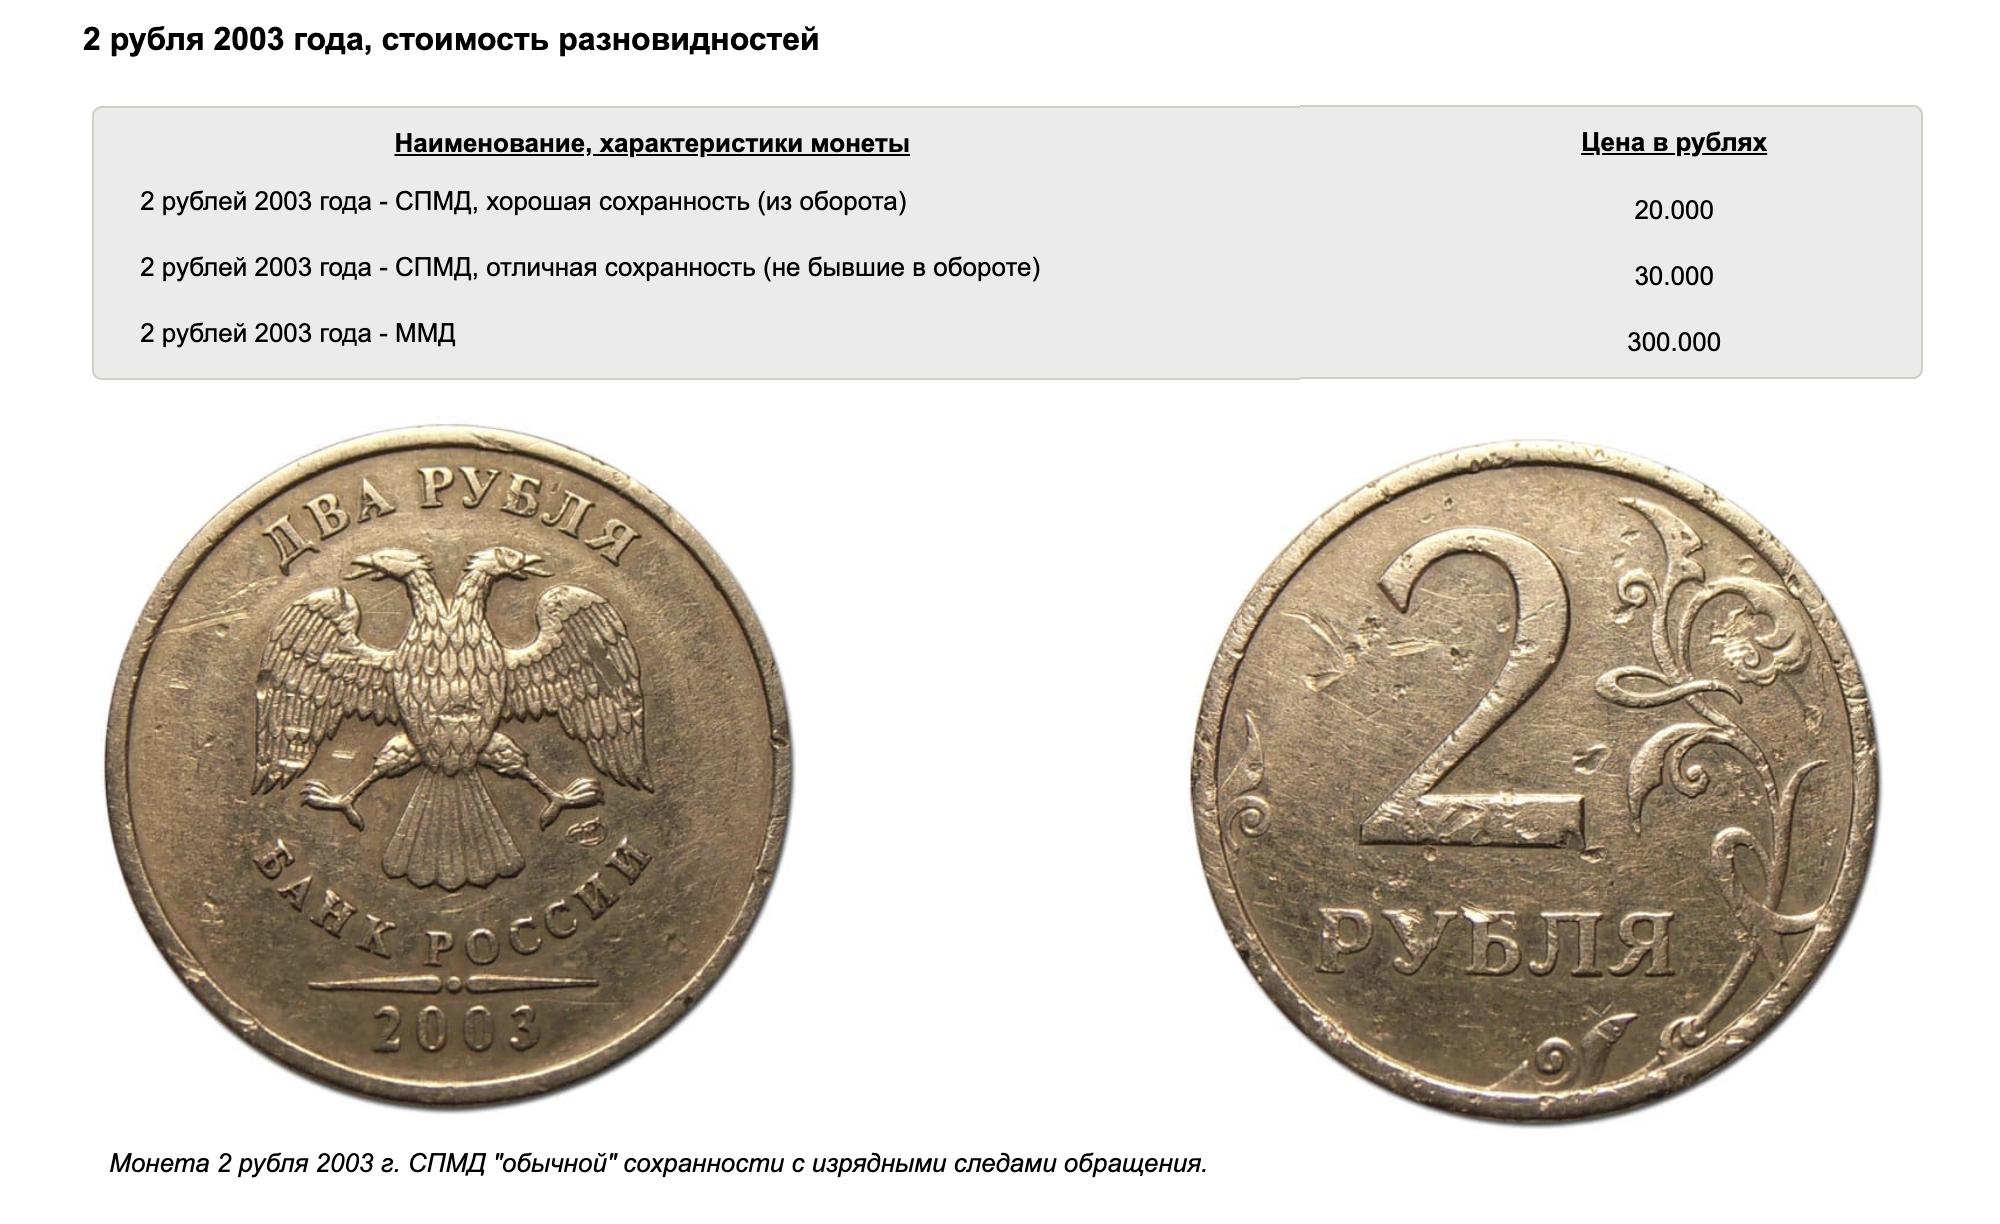 На портале «Монеты России» пишут примерную цену монеты взависимости отее сохранности. Чем меньше наней сколов и царапин, тем она дороже